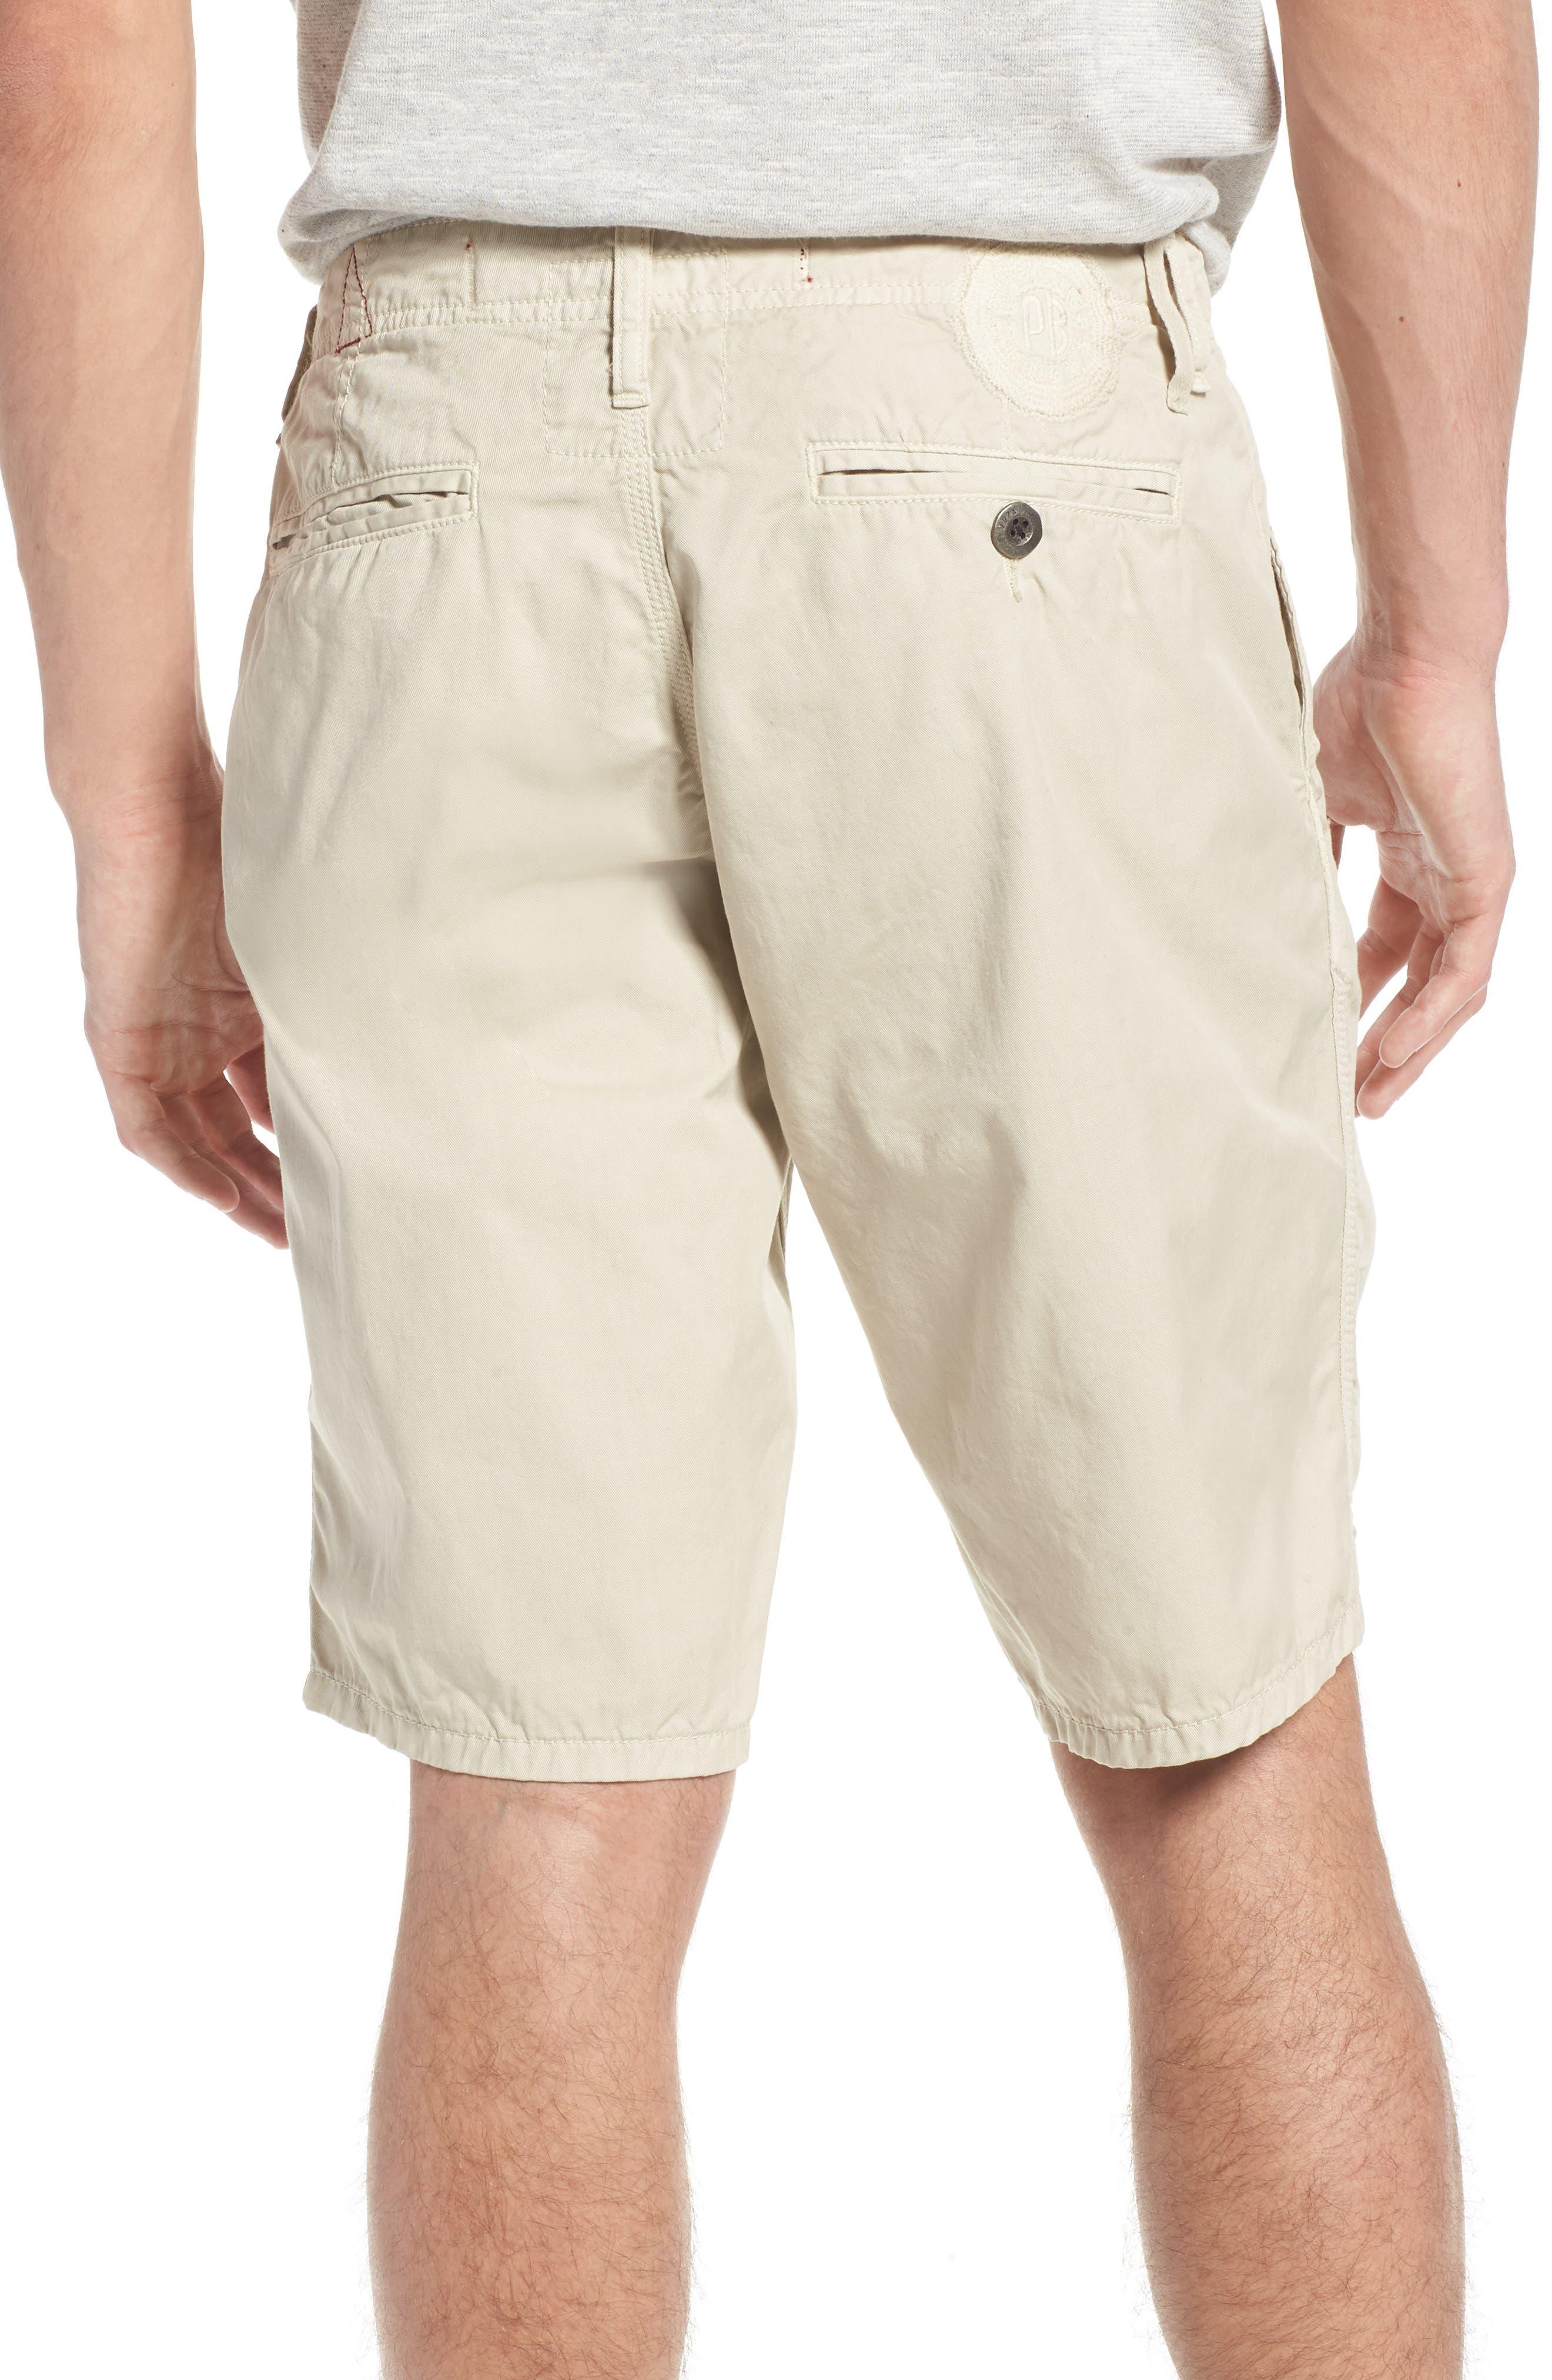 'Napa' Chino Shorts,                             Alternate thumbnail 2, color,                             String